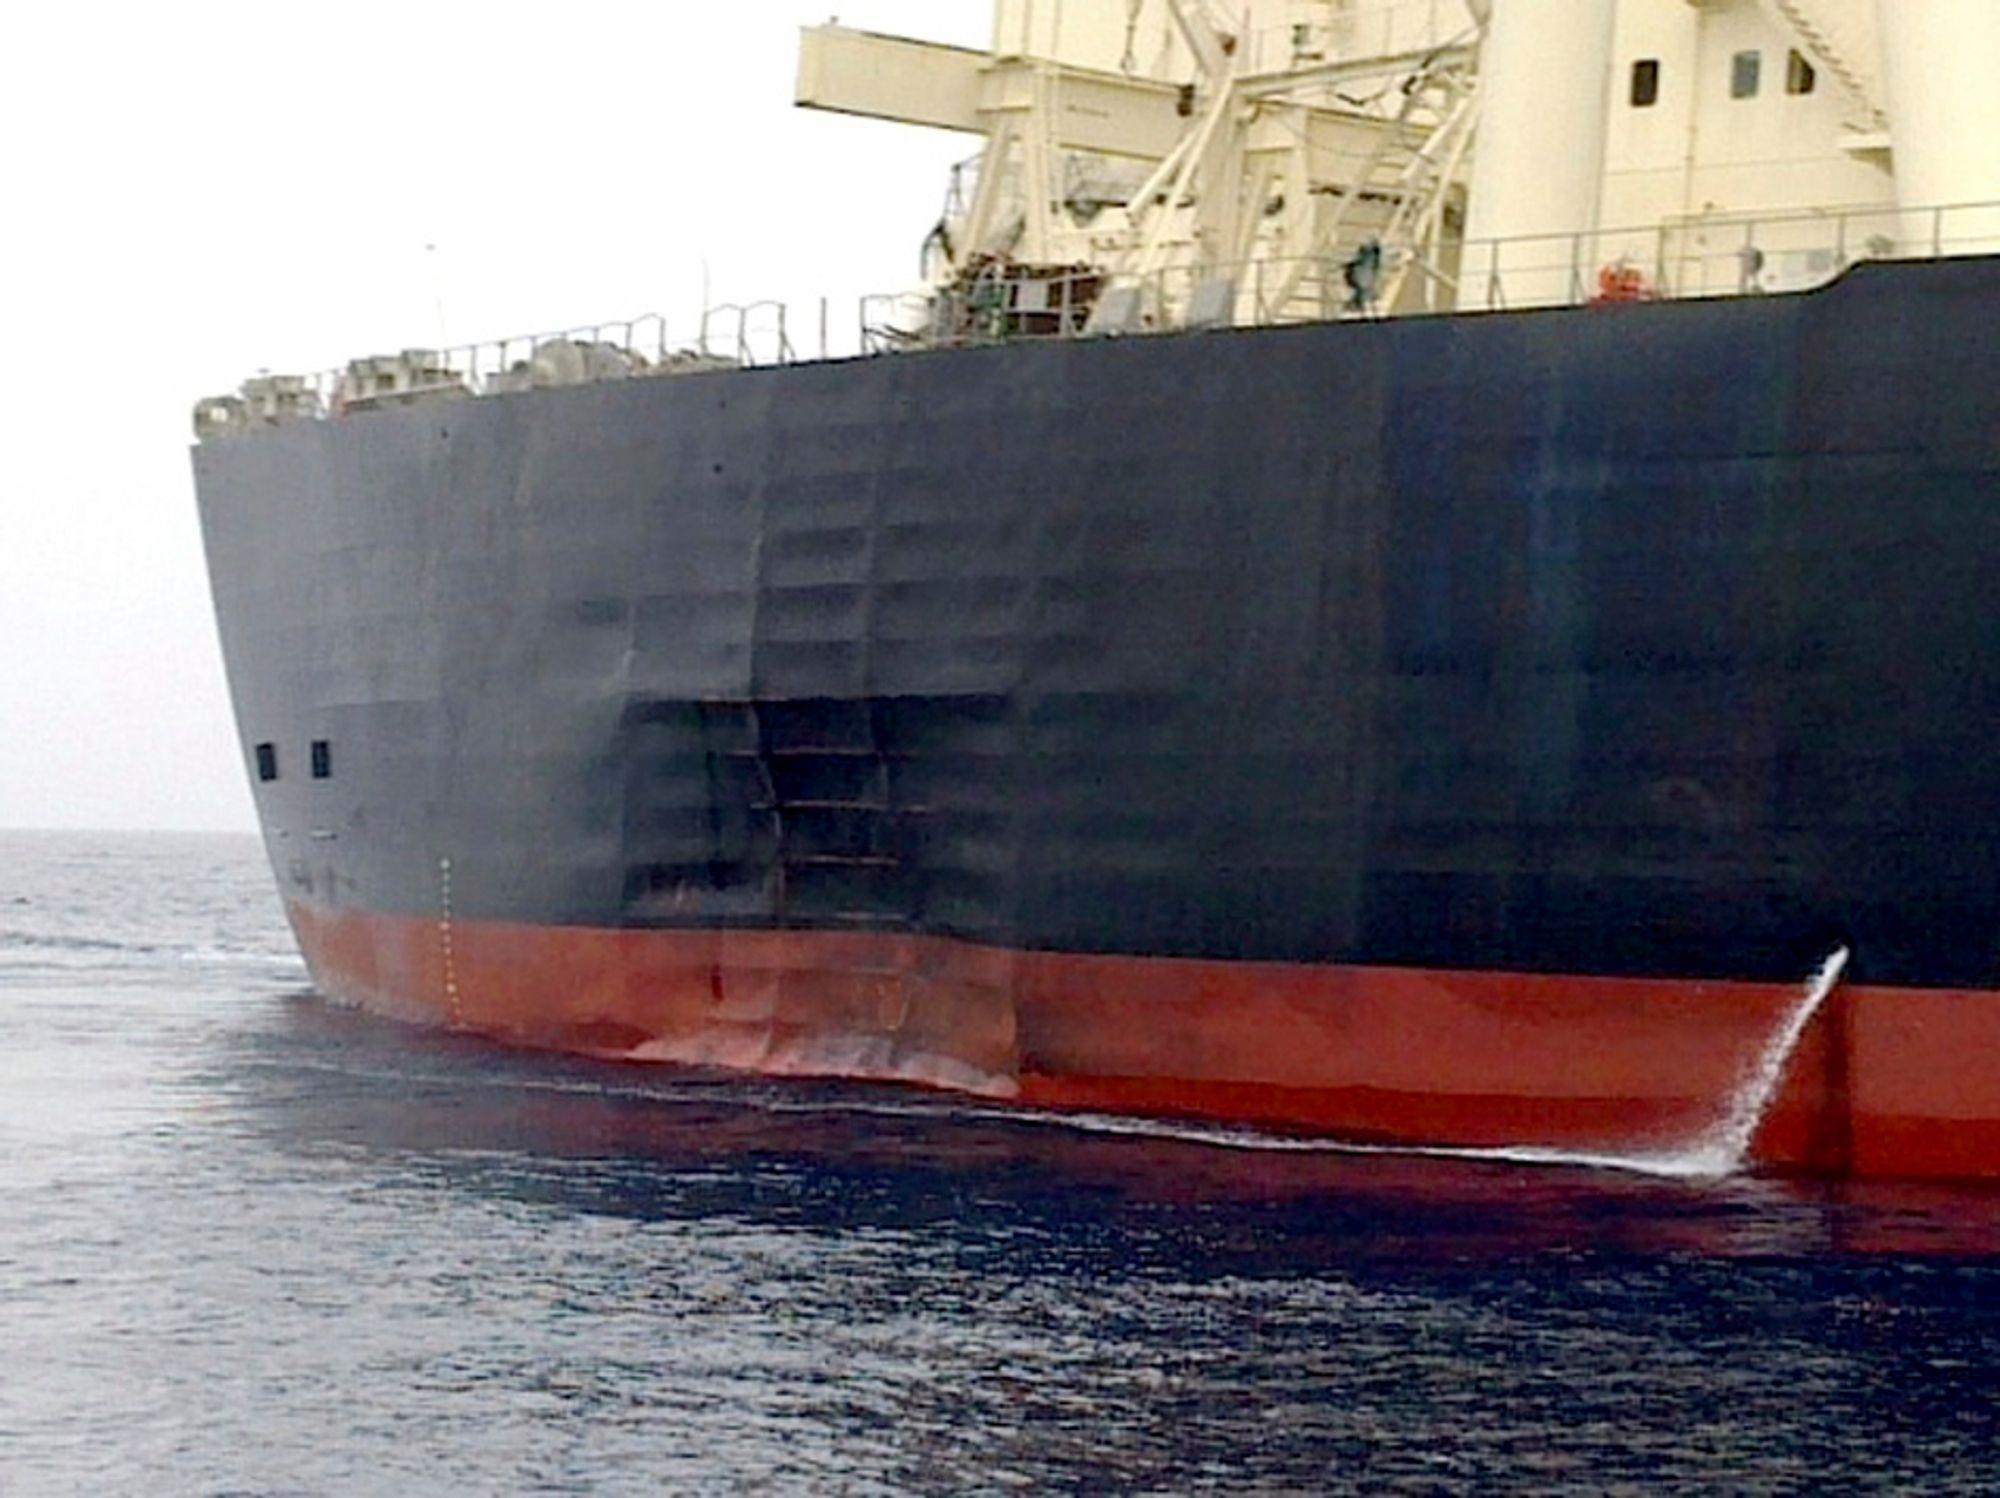 MYSTISK: Besetningen på M. Star hevdet at de så et skarpt lys og hørte en eksplosjon før tankskipet fikk denne enorme bulken i skroget. Etterforskningen tyder på at de har rett.